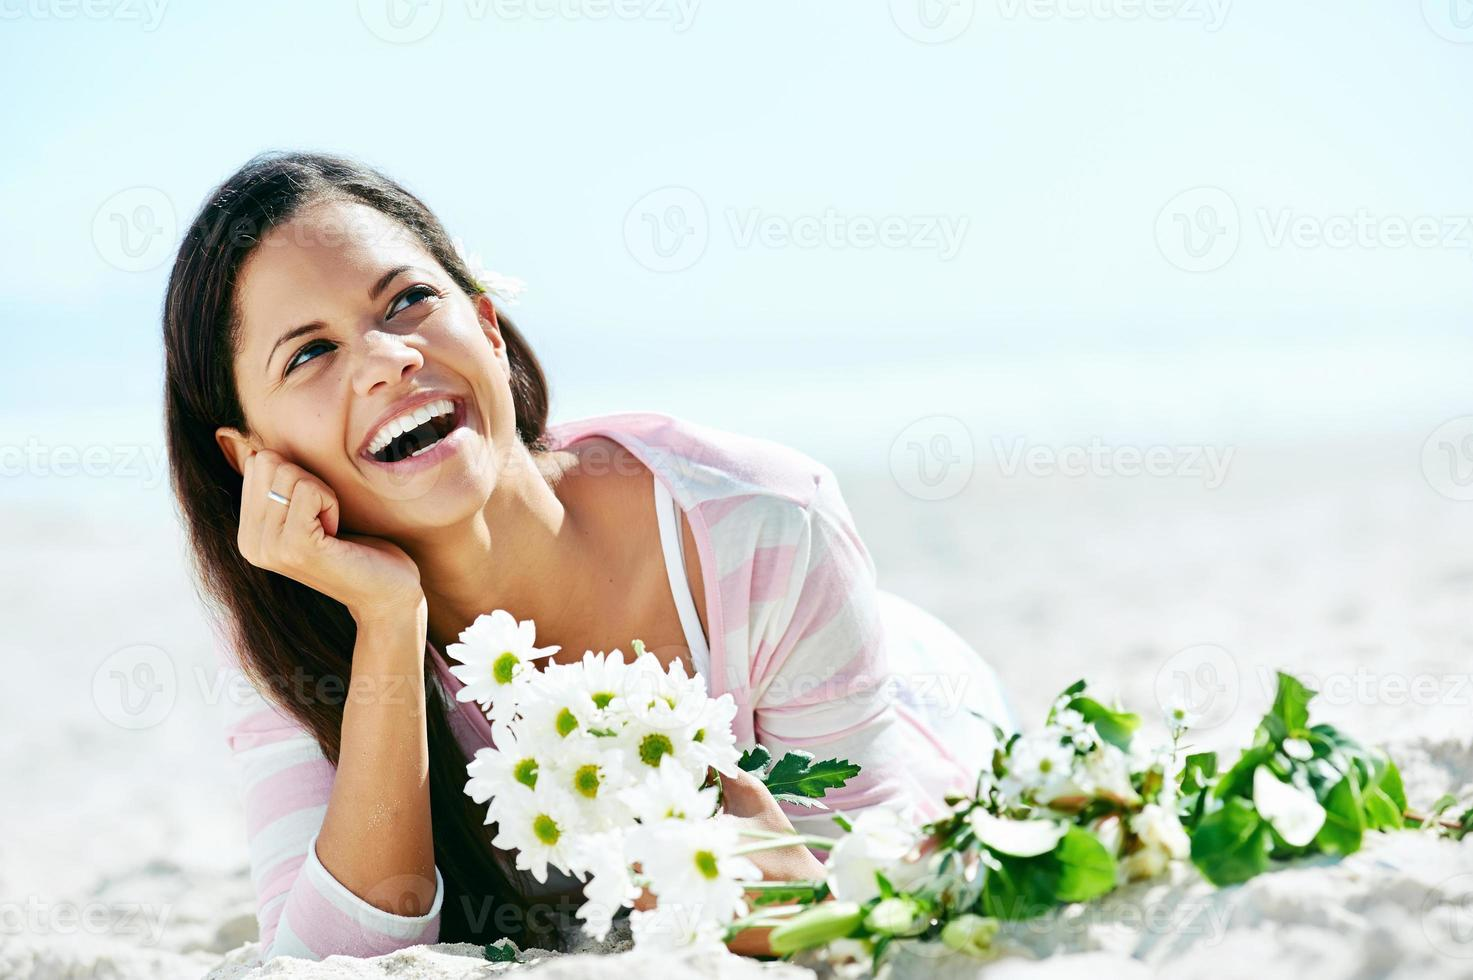 beach relaxing woman photo